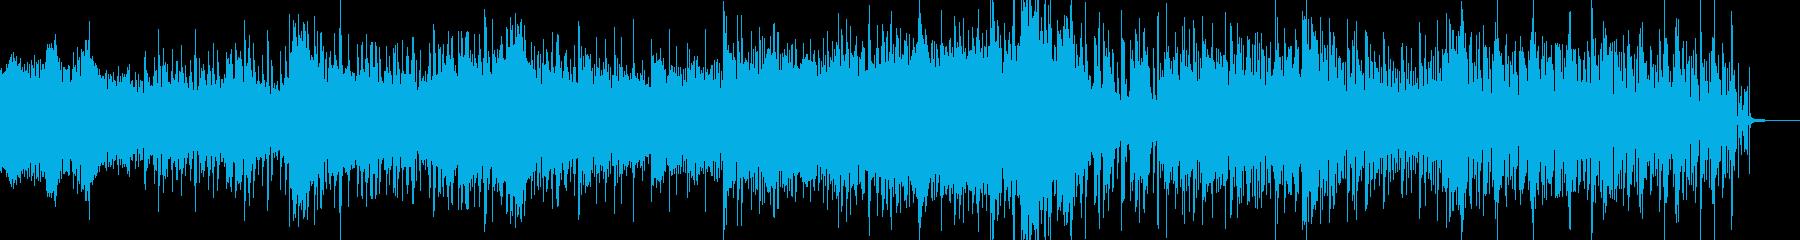 不思議オーガニックなシネマティックBGMの再生済みの波形